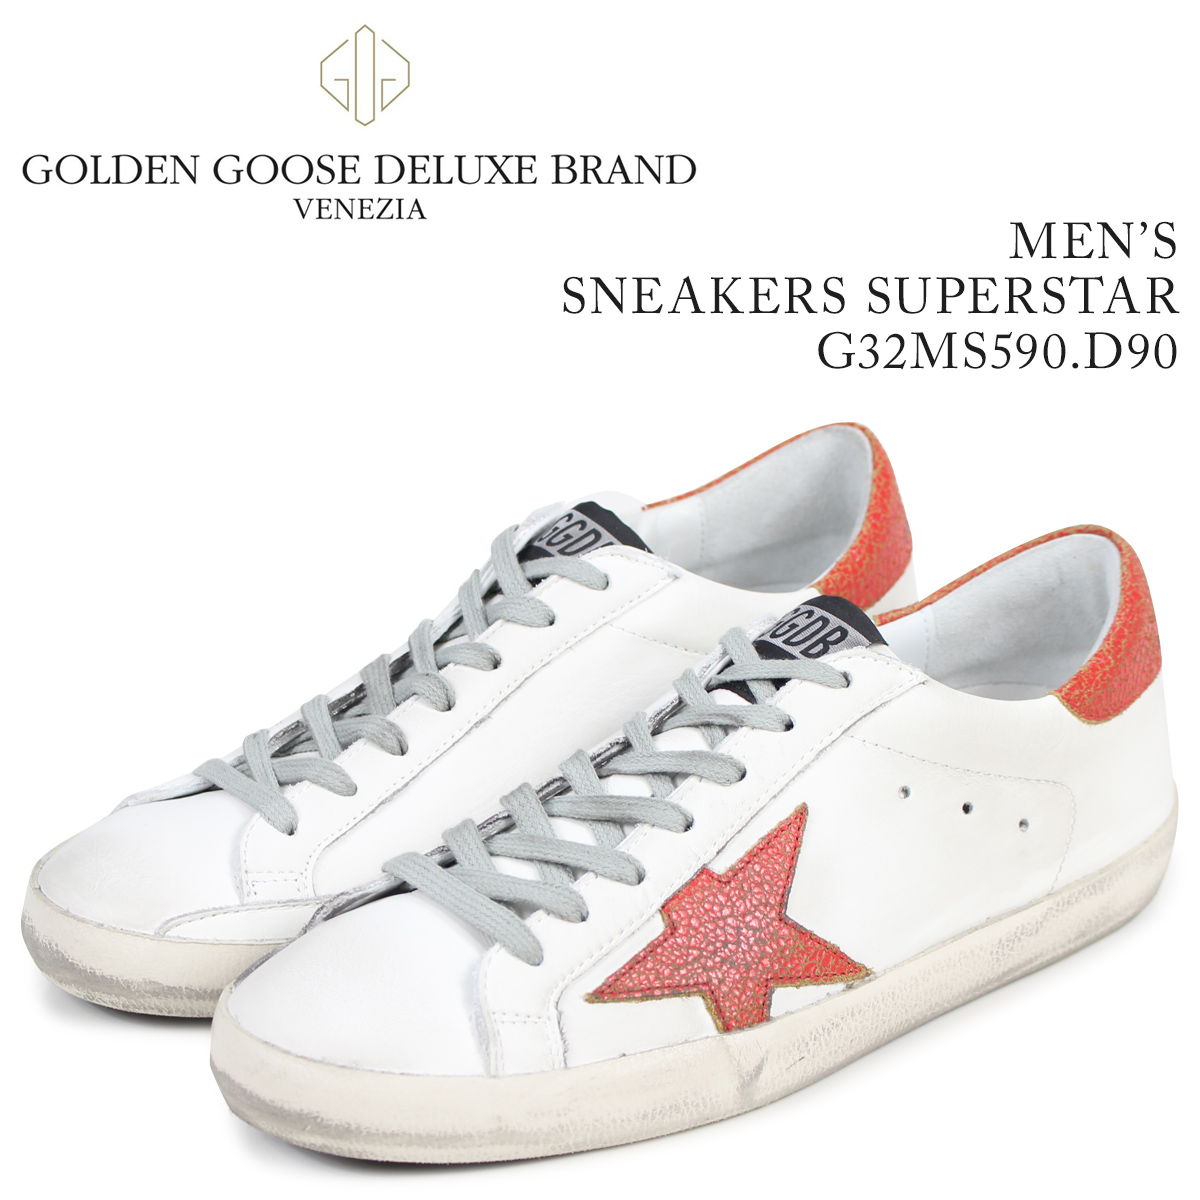 品質が Golden スニーカー D90 Goose ゴールデングース スニーカー メンズ スーパースター Golden SNEAKERS SUPERSTAR ホワイト G32MS590 D90, 時計の工楽屋:c53f2d98 --- canoncity.azurewebsites.net